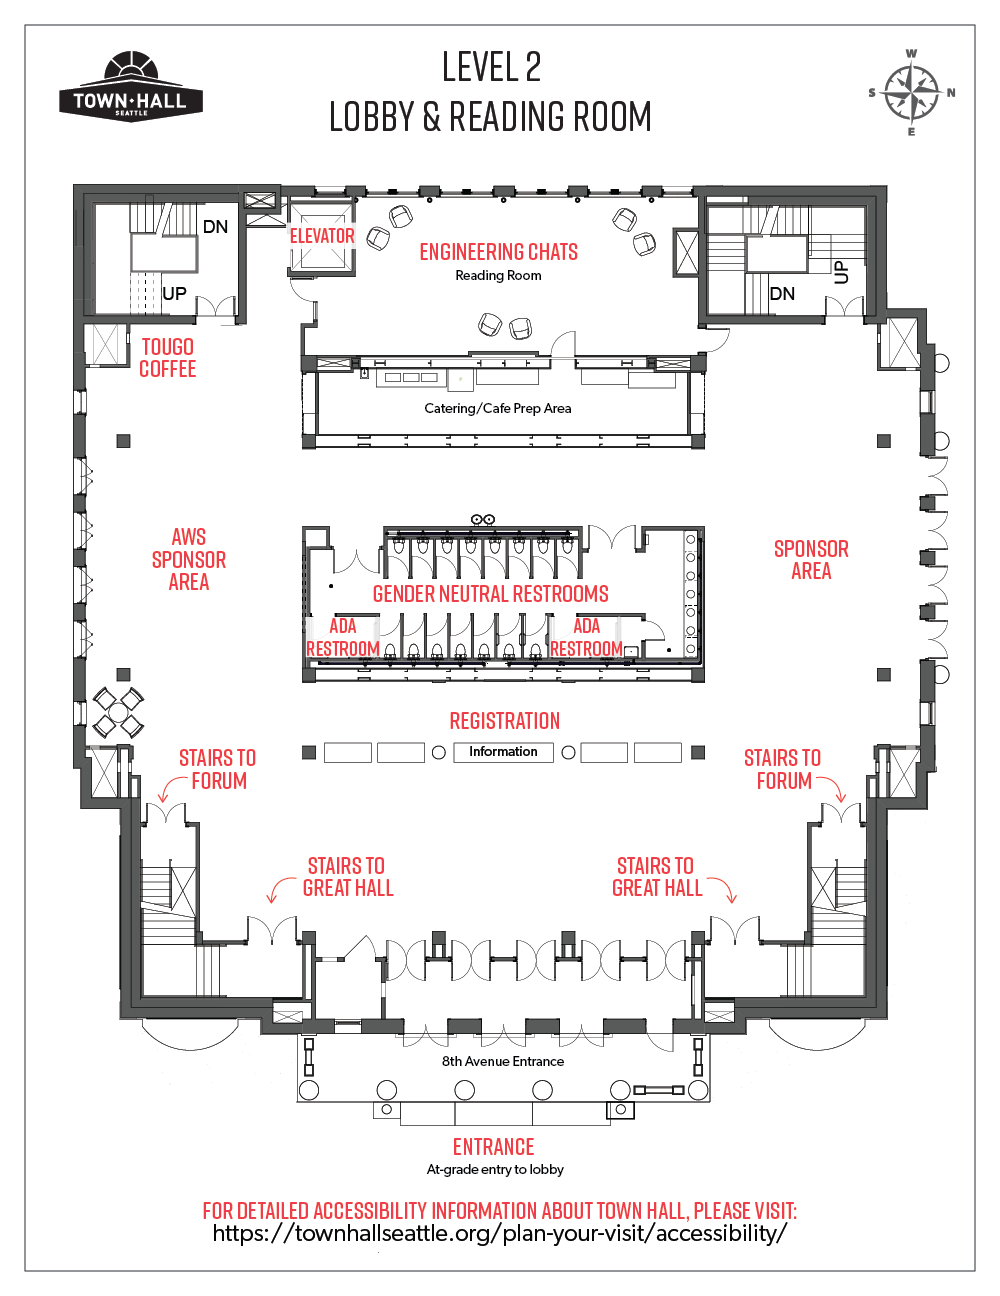 Lobby - 2nd floor